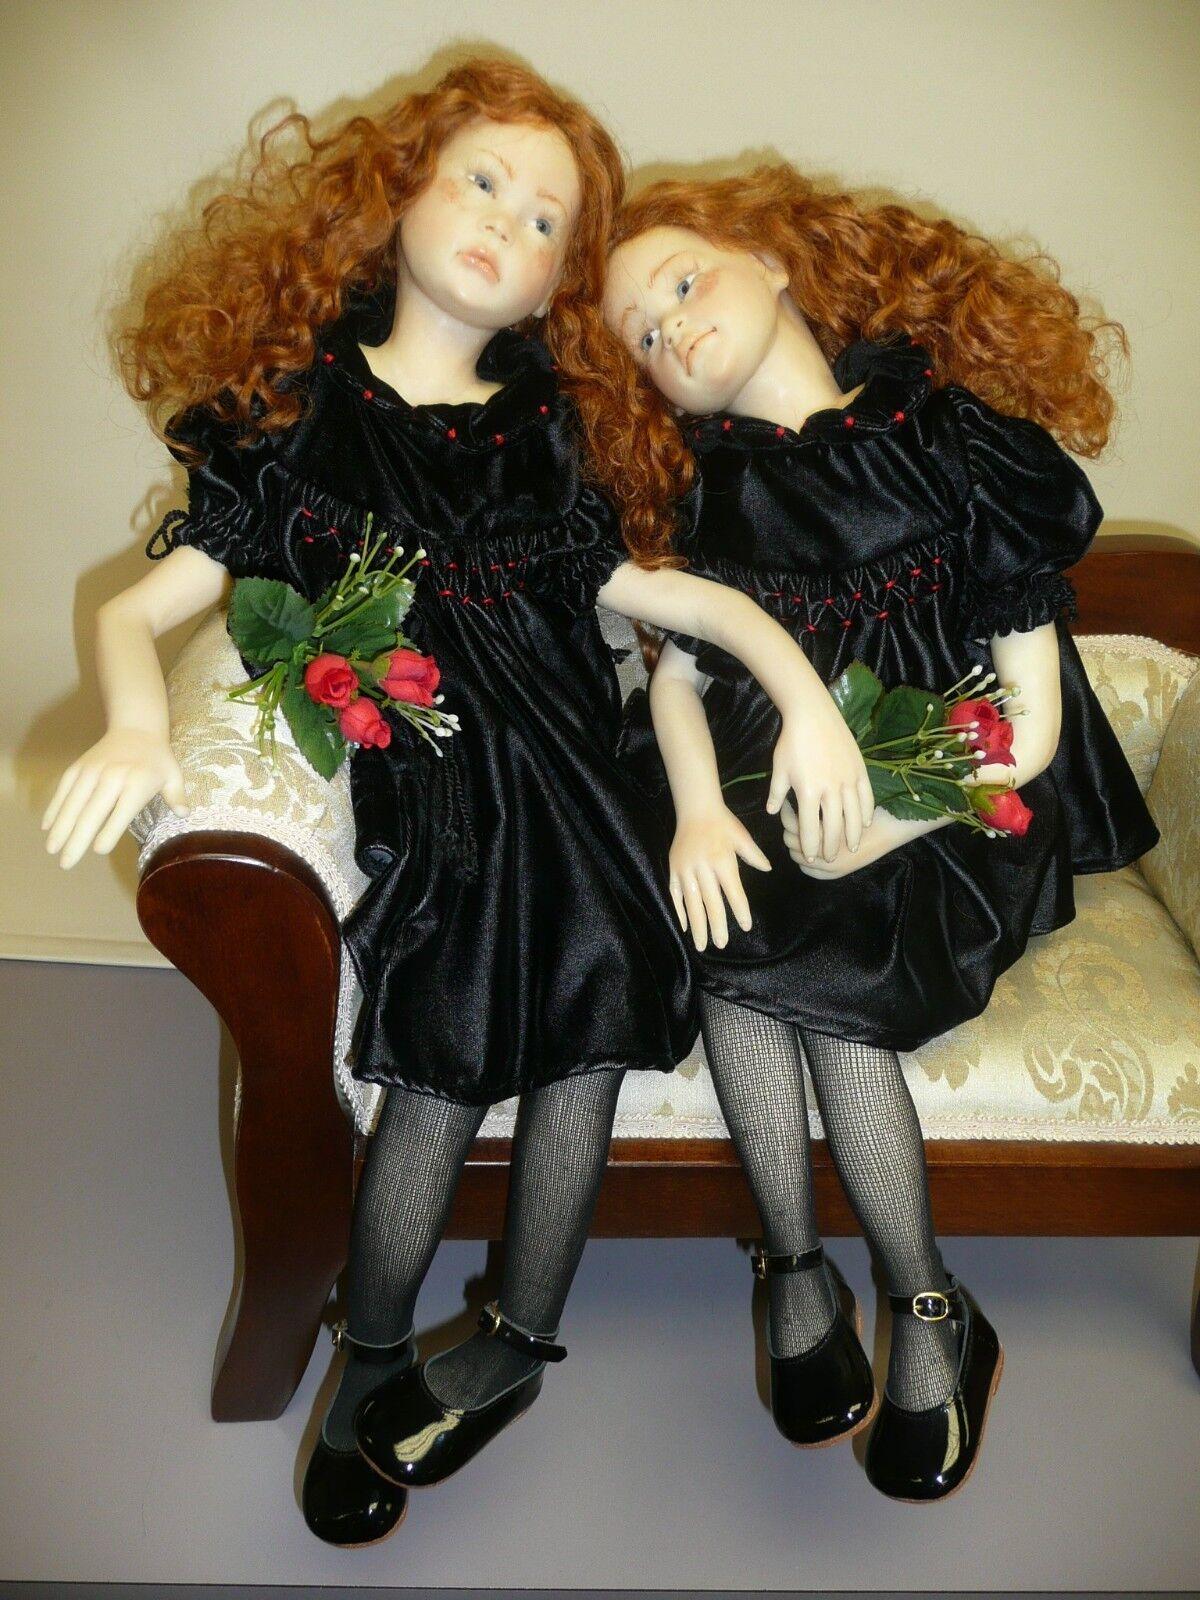 OOAK..  hermanas retrato  por Annalisa Venturini, arcilla polimérica esculpido